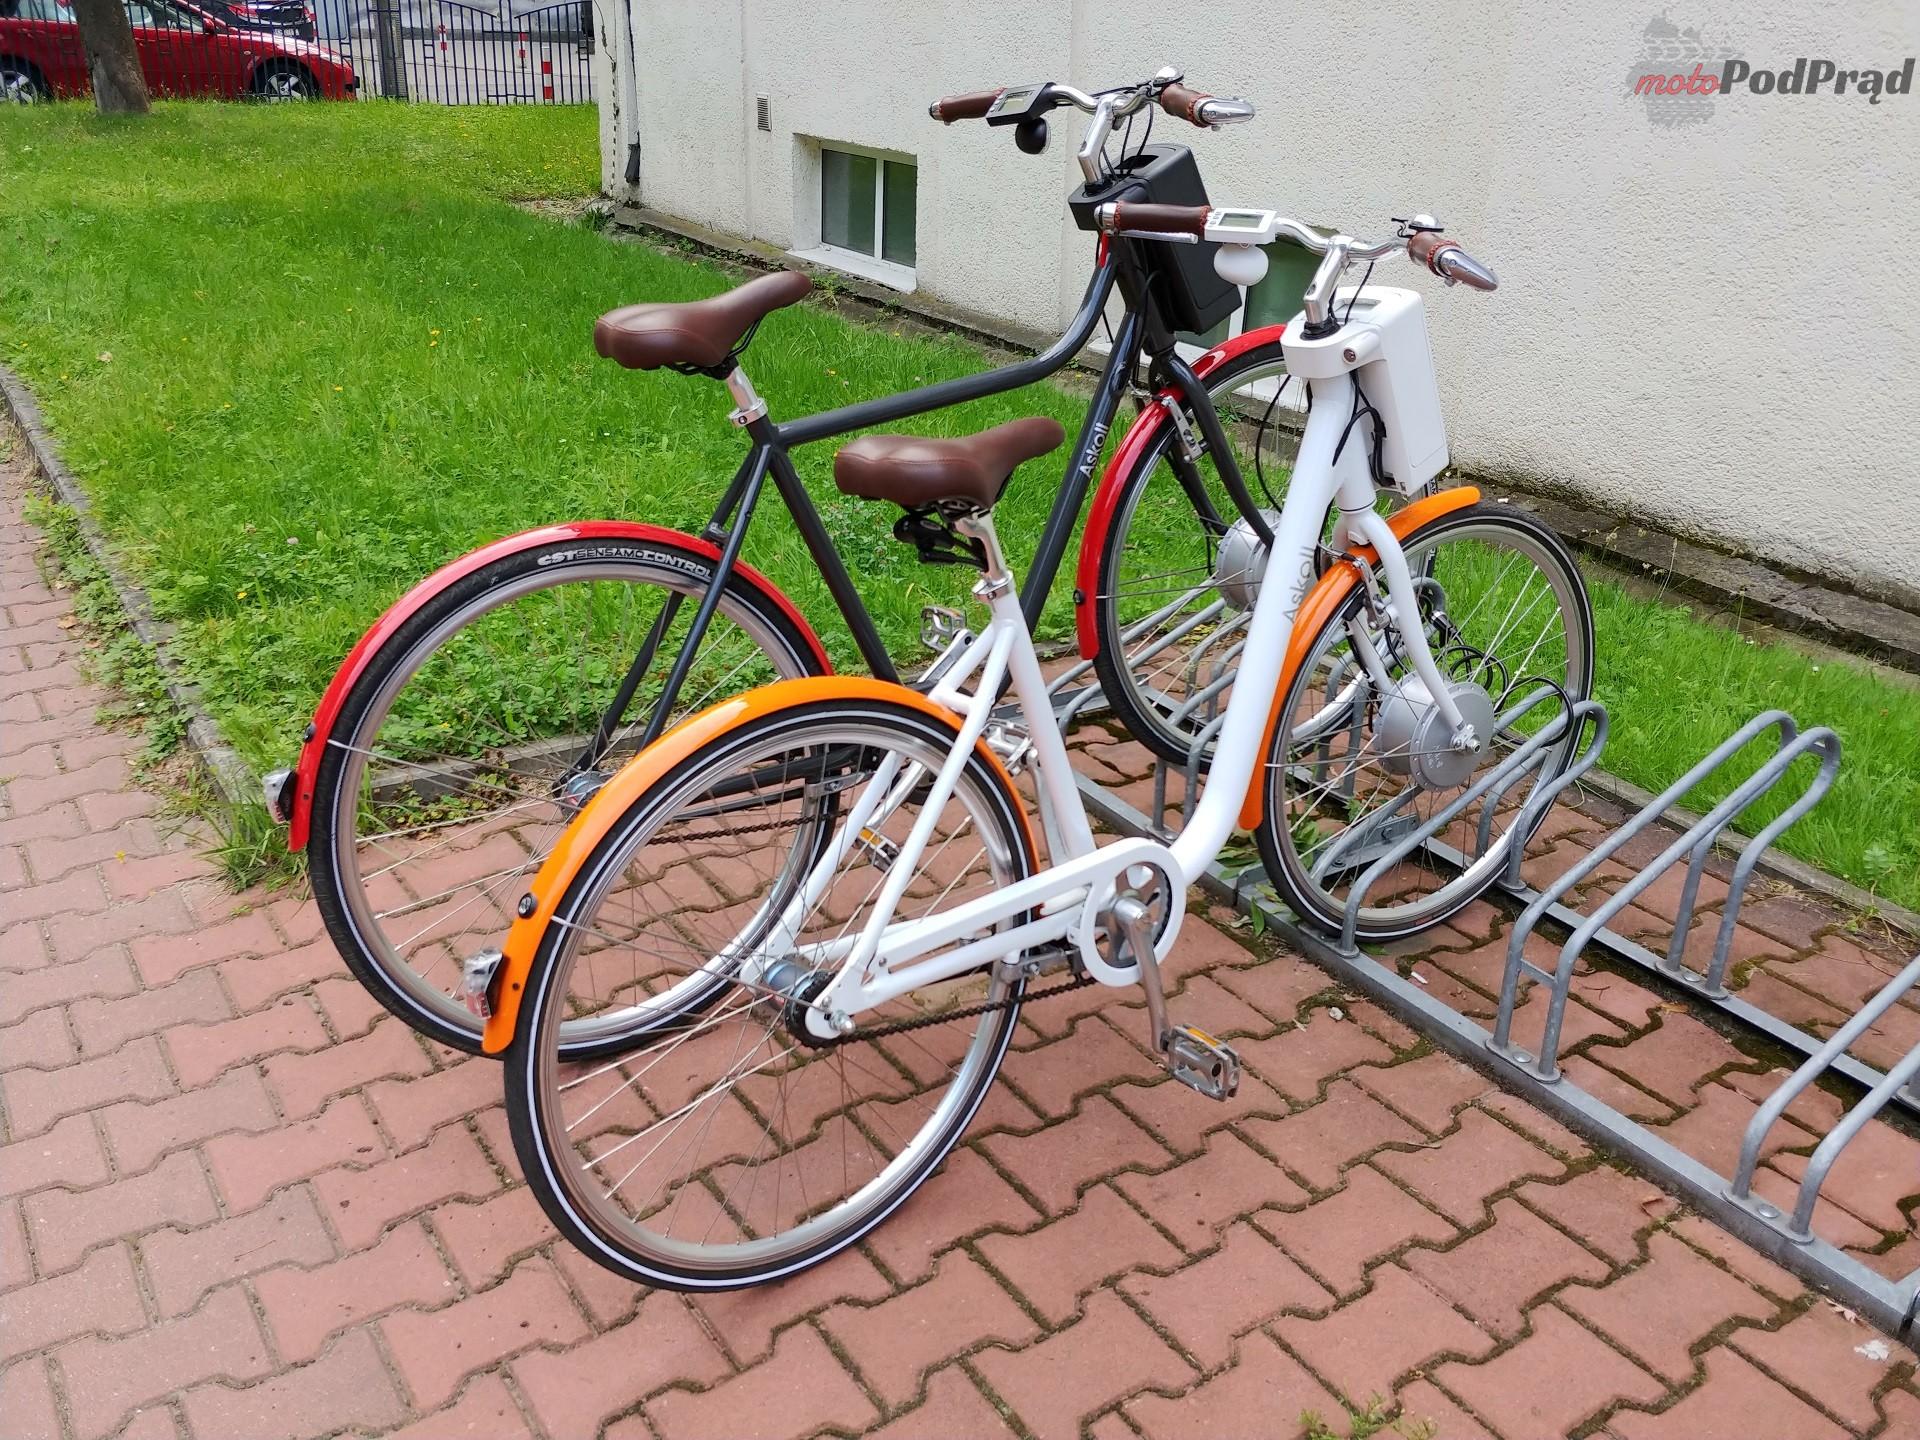 Askoll 13 Niedziela na elektrycznym rowerze   Askoll EB1 i EB2